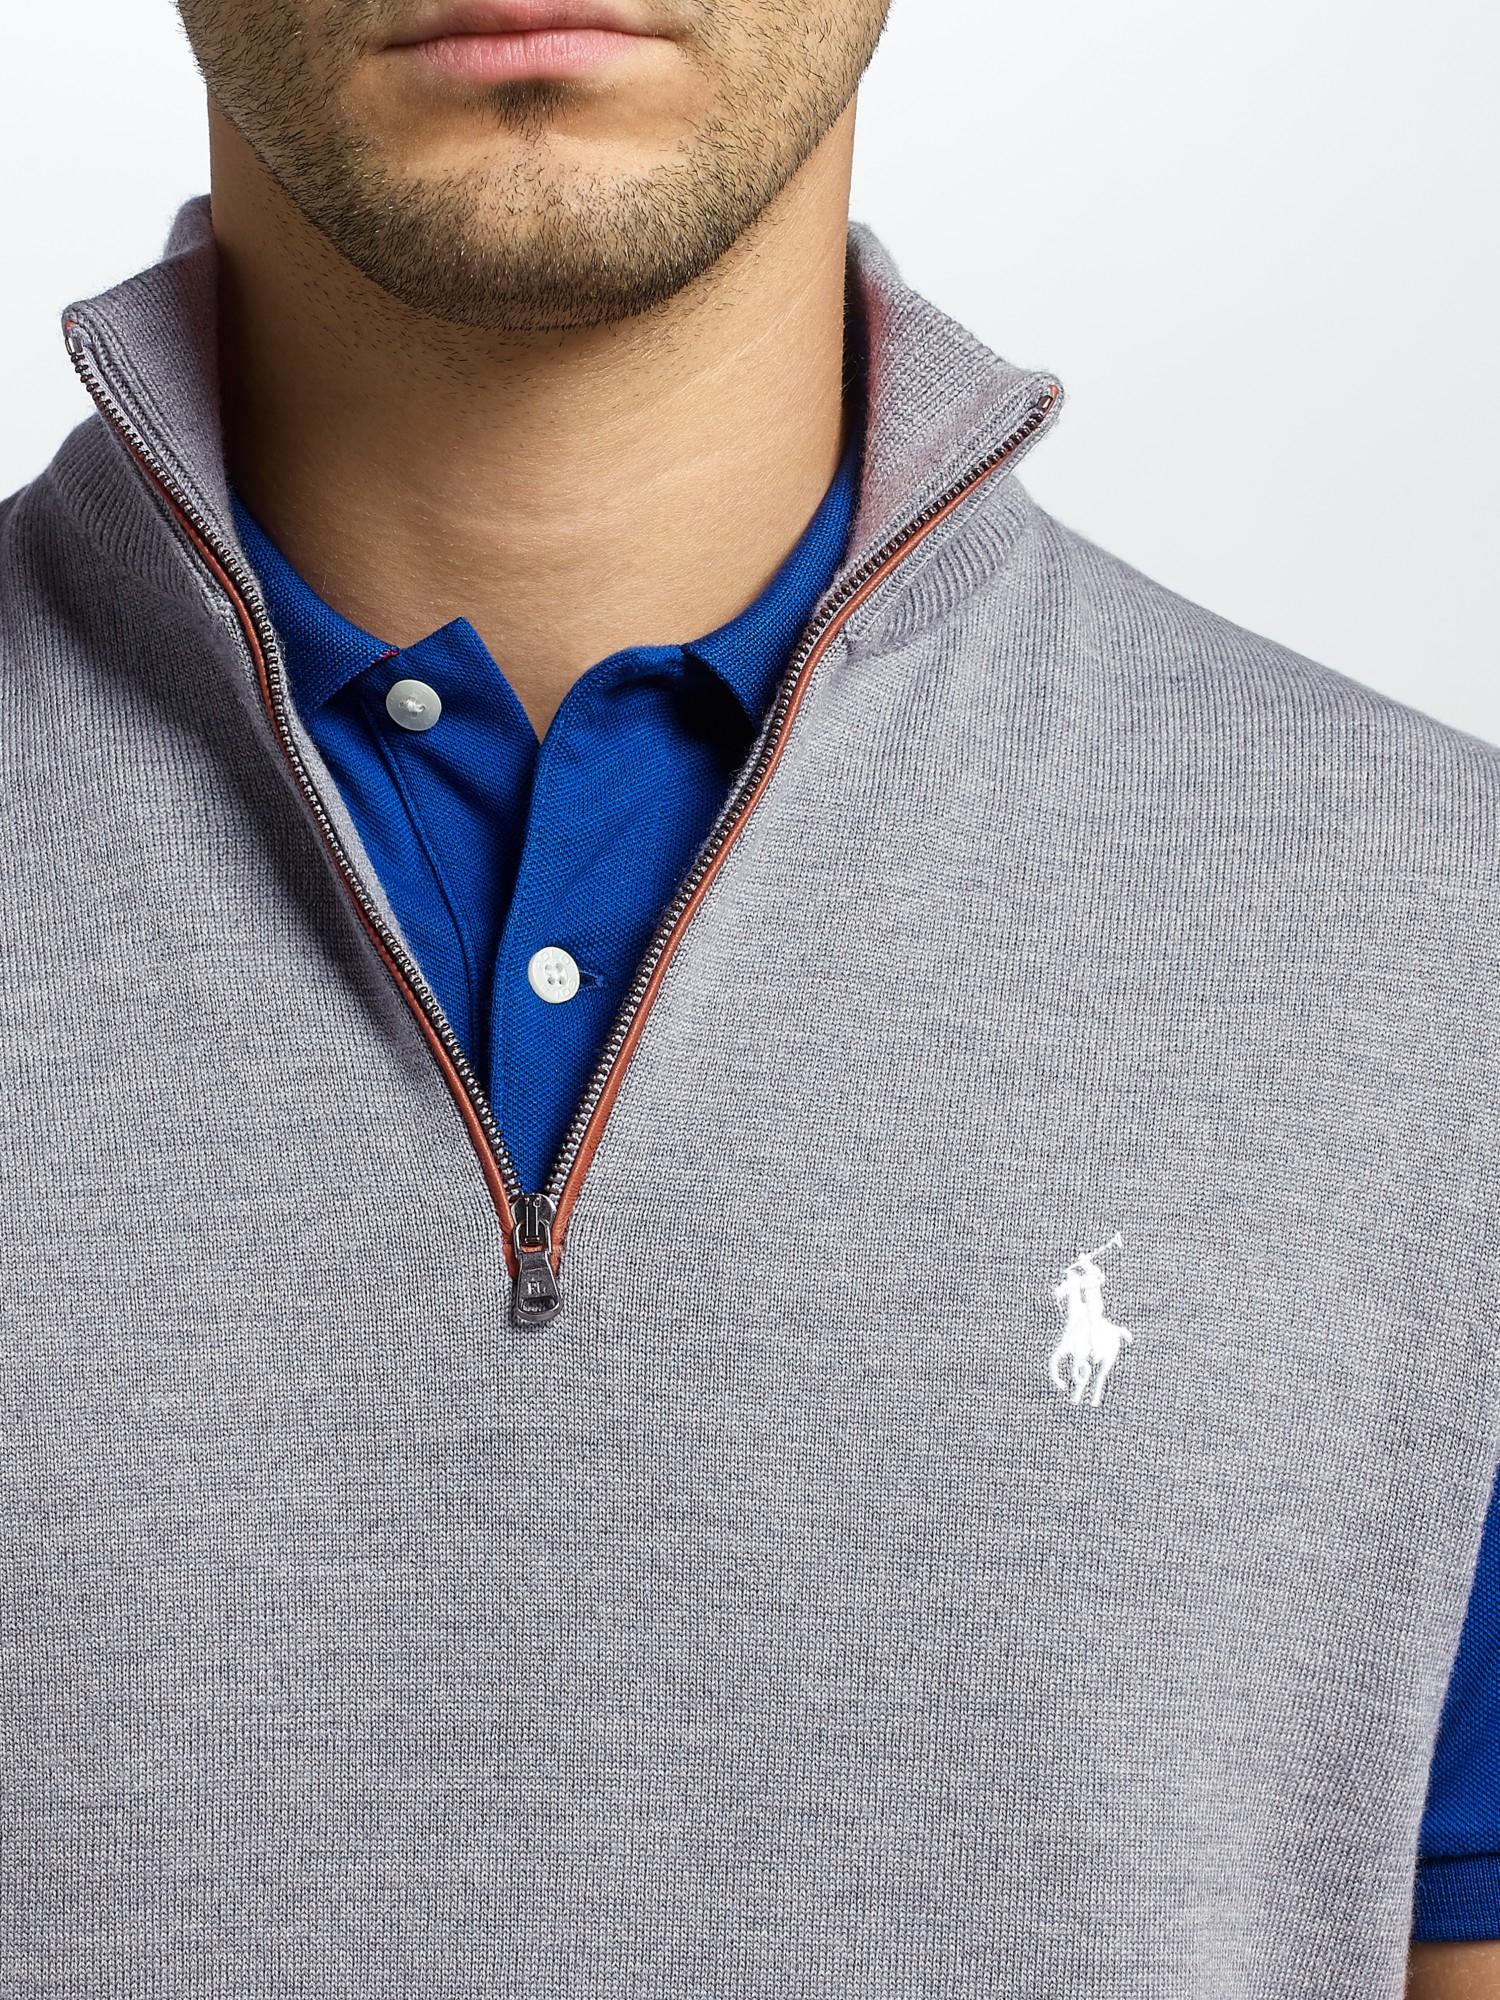 For Vest Merino Polo Half Zip In Lyst Lauren Men Wool Ralph Gray rCxoWBed